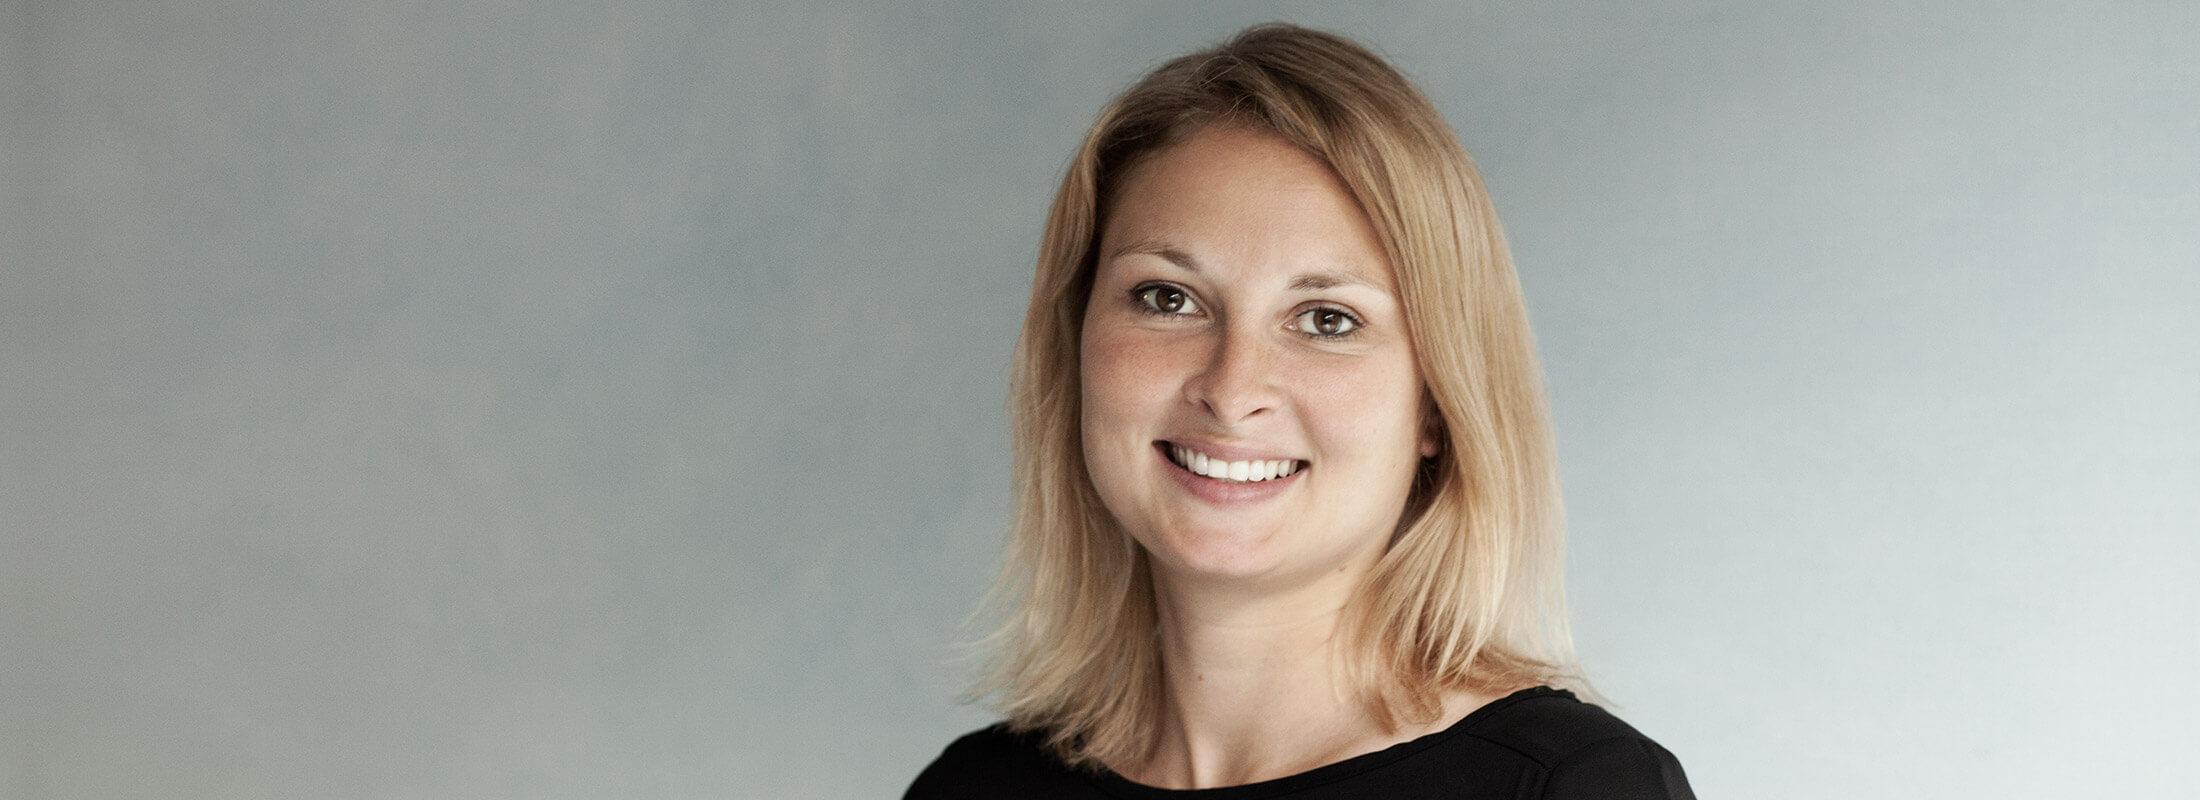 MAYR Arbeitsrecht – Stefanie Noll